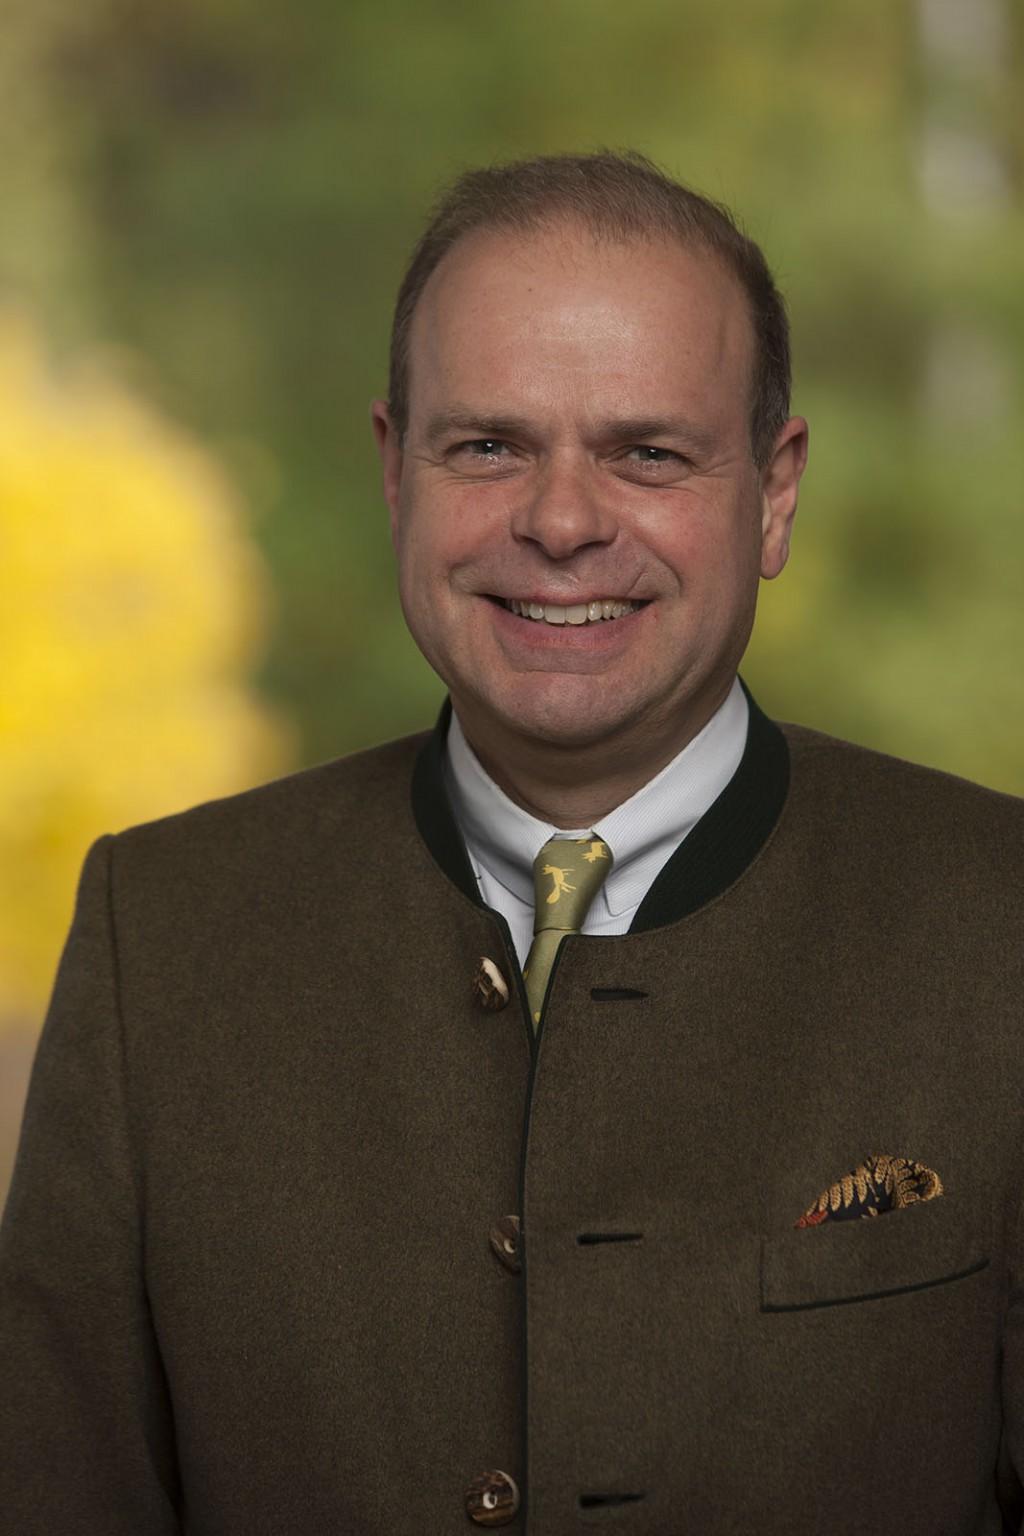 Hotelinhaber Dr. Ritter von Kempski und Mit-Ideengeber des 1. Stolberger Schloss-Laufs